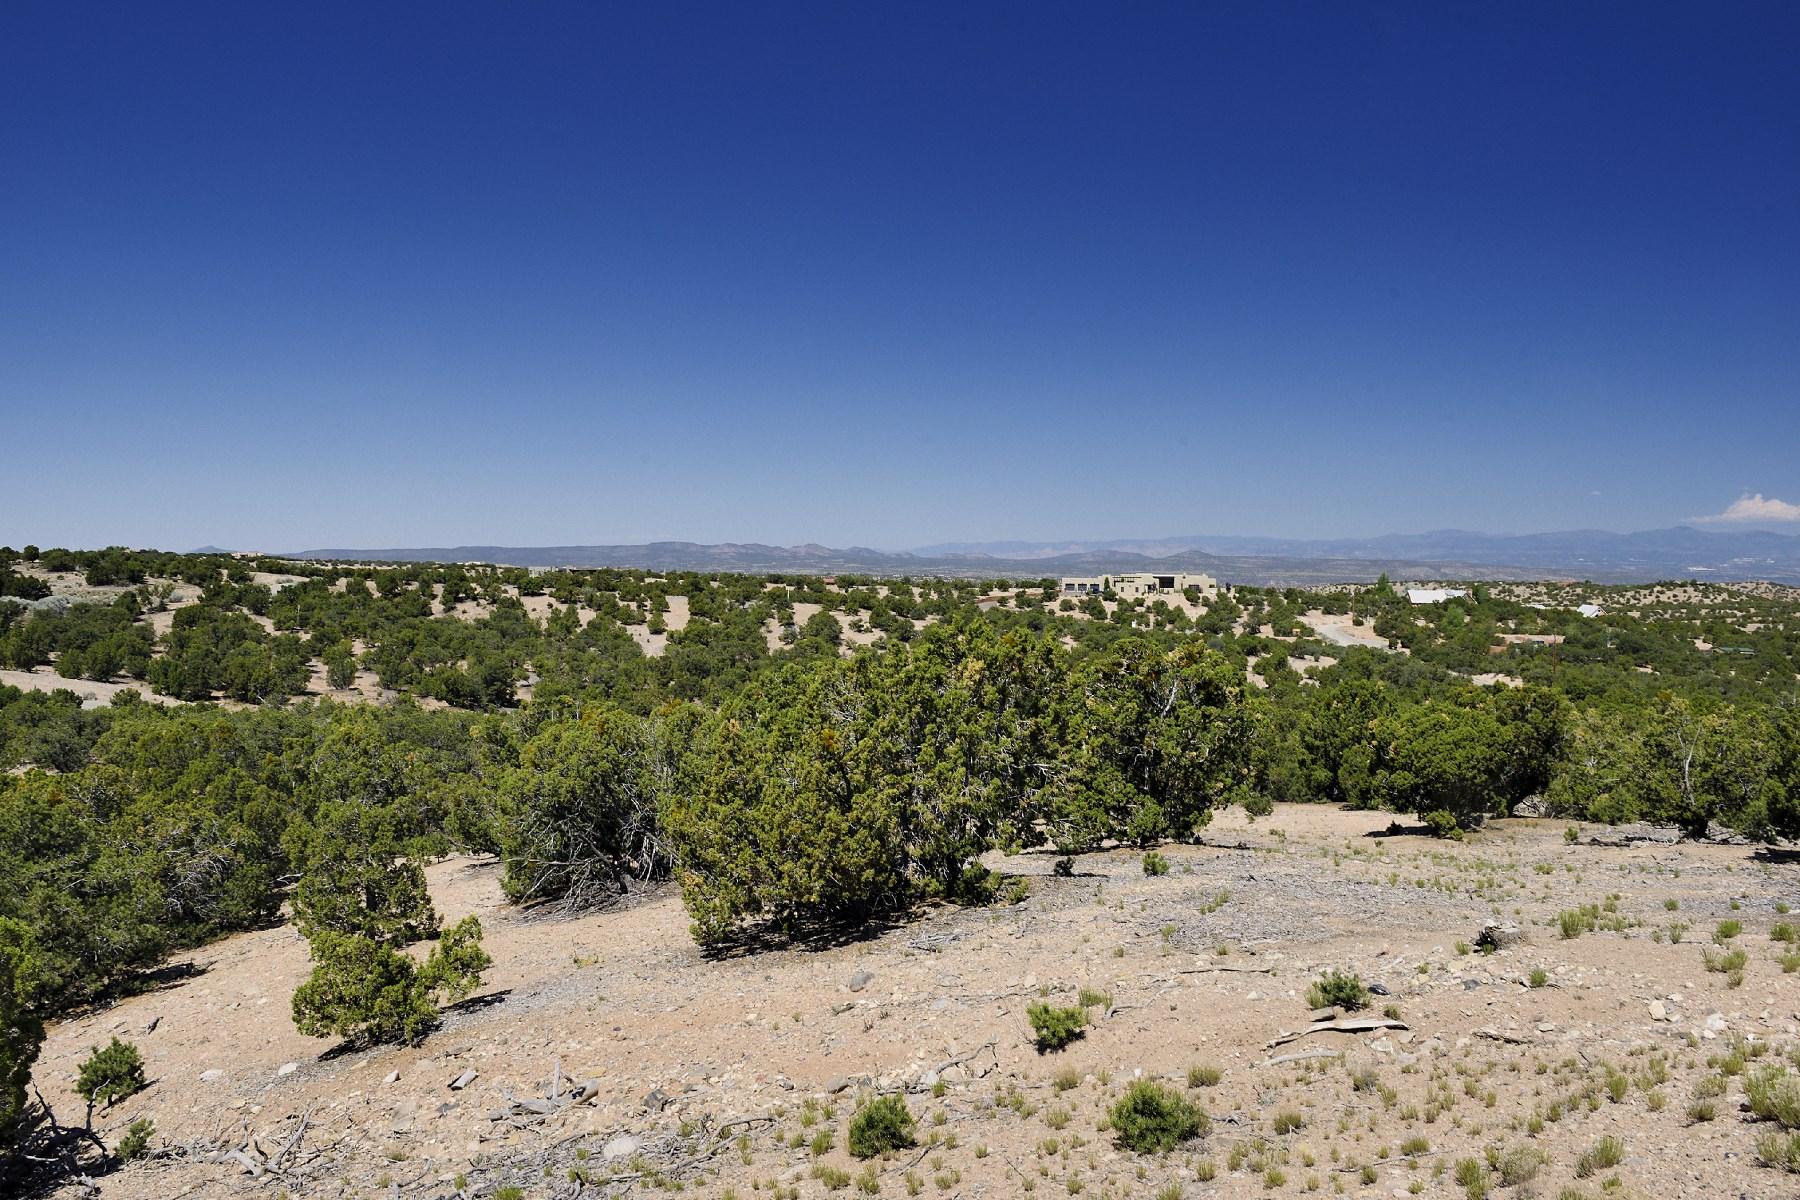 Land for Sale at 40 Sundance Ridge Circle Lot 4 40 Sundance Ridge Circle, Lot 4 Santa Fe, New Mexico, 87506 United States